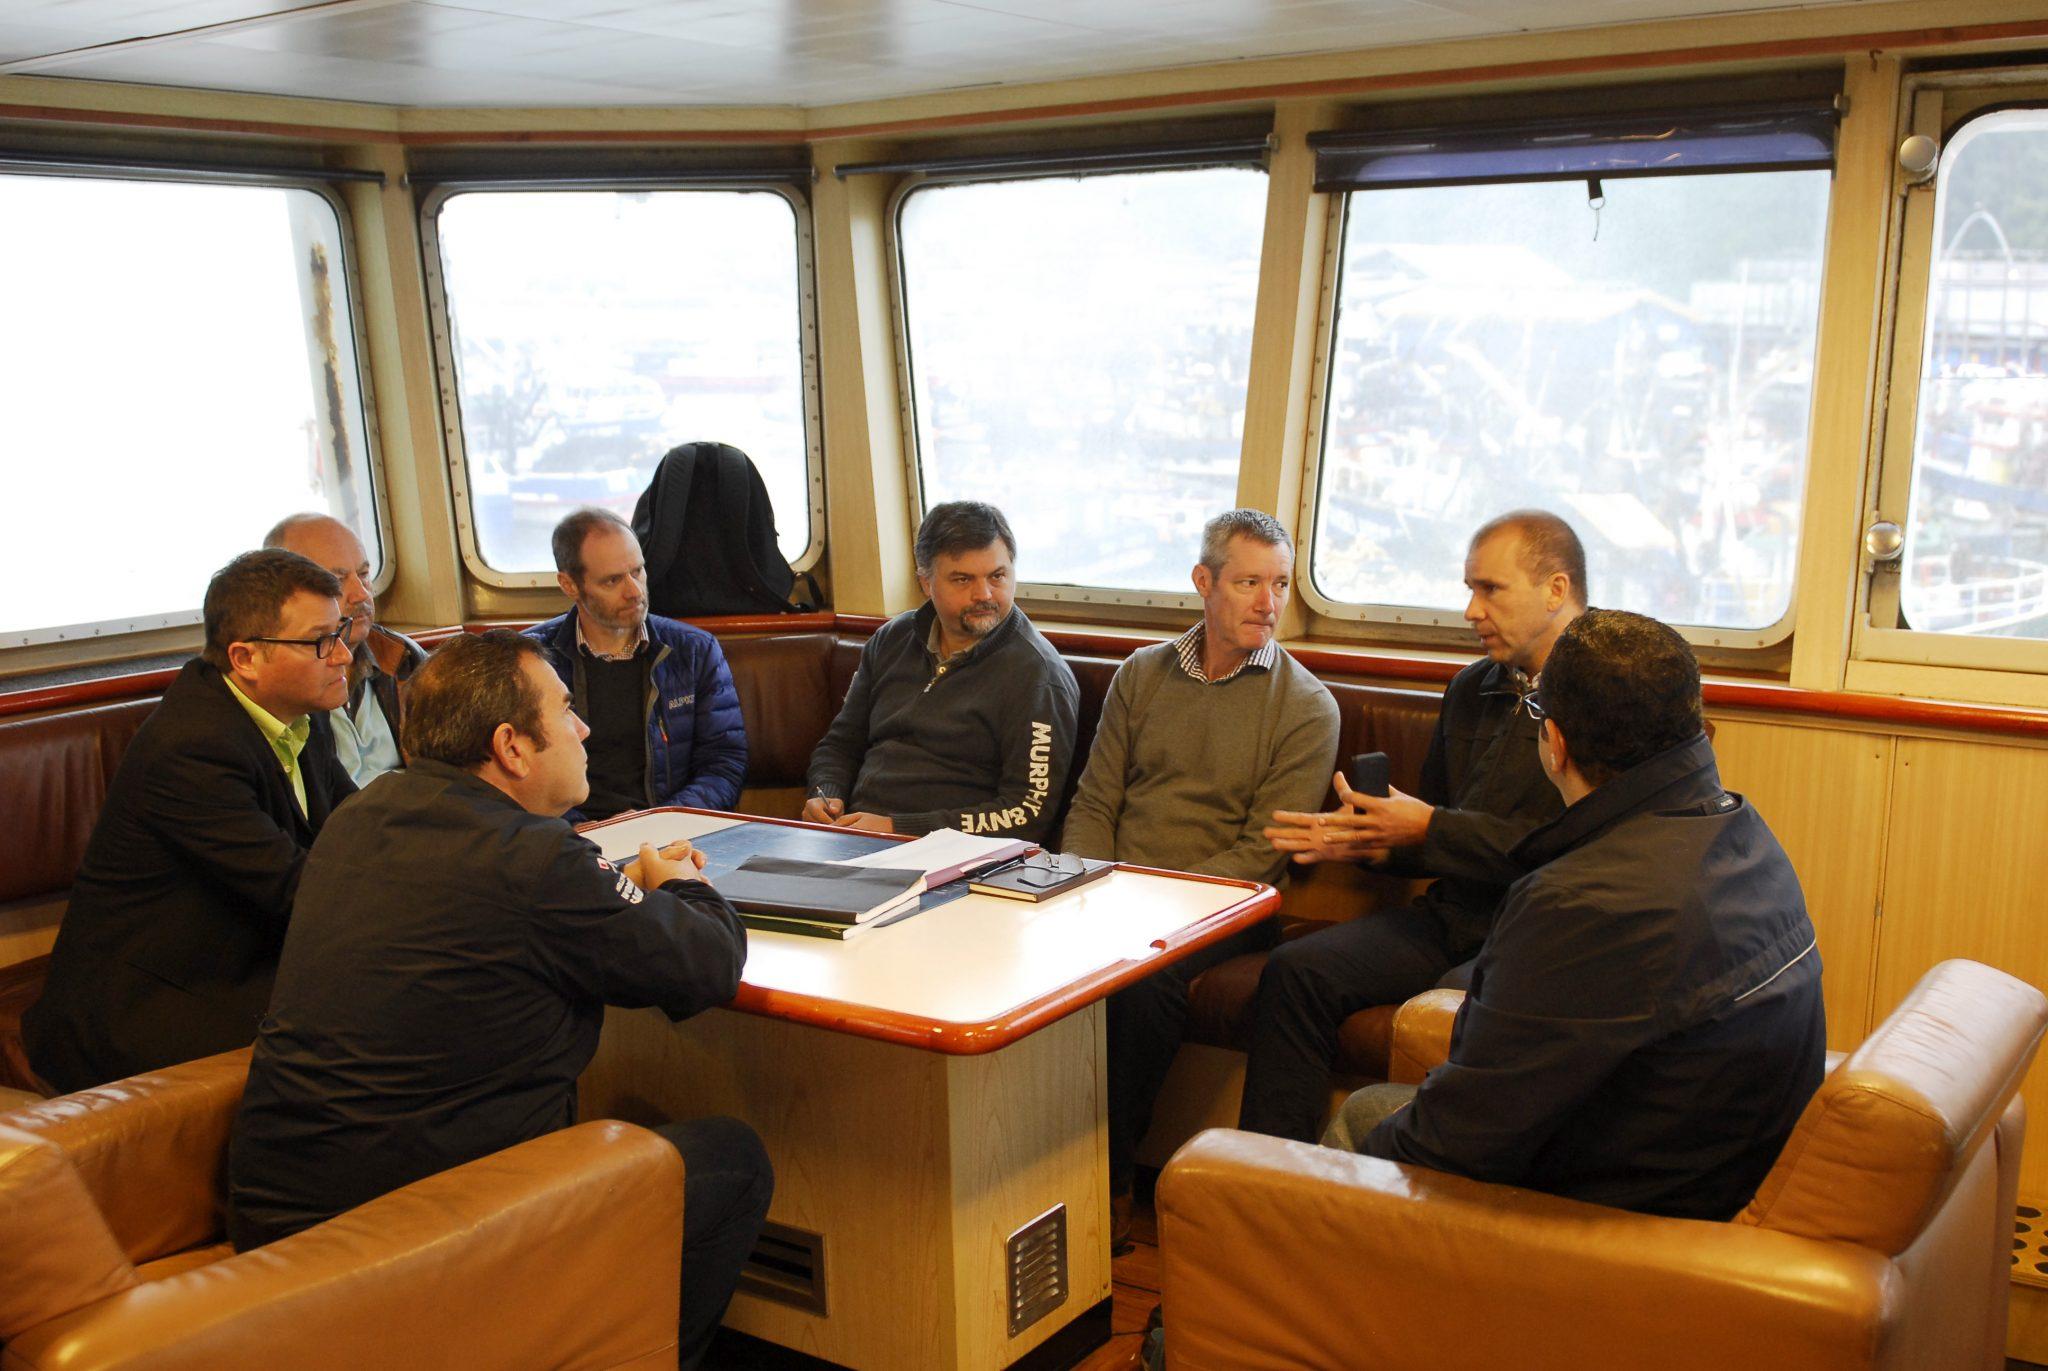 Acoura Marine visita Chile para certificación de sustentabilidad de la pesquería del jurel